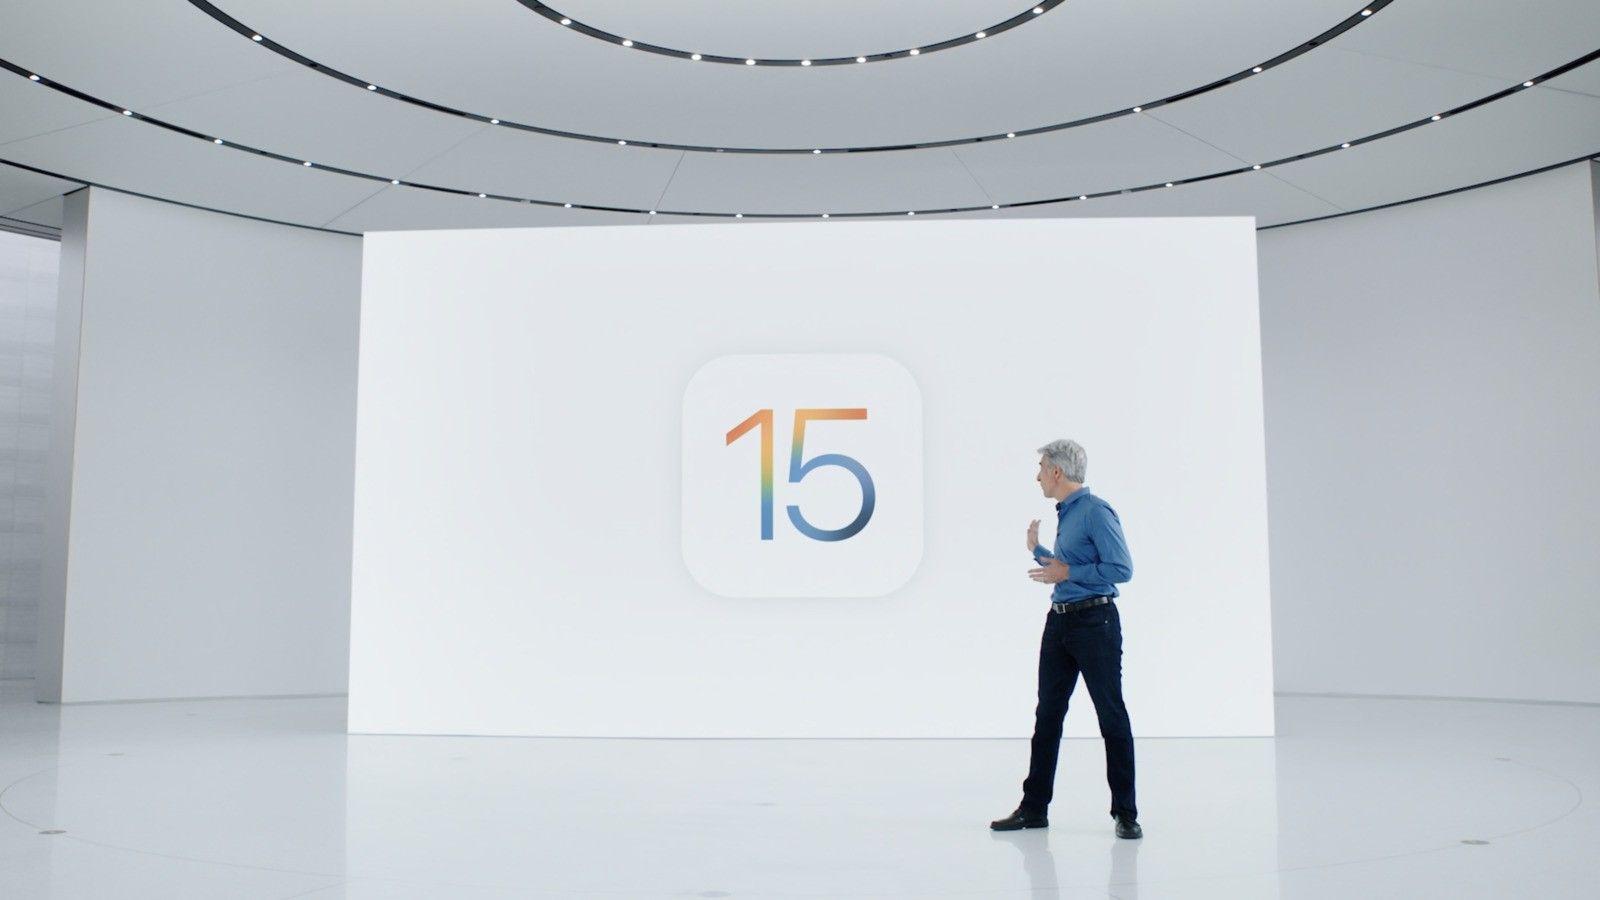 کاور مطلب معرفی iOS 15